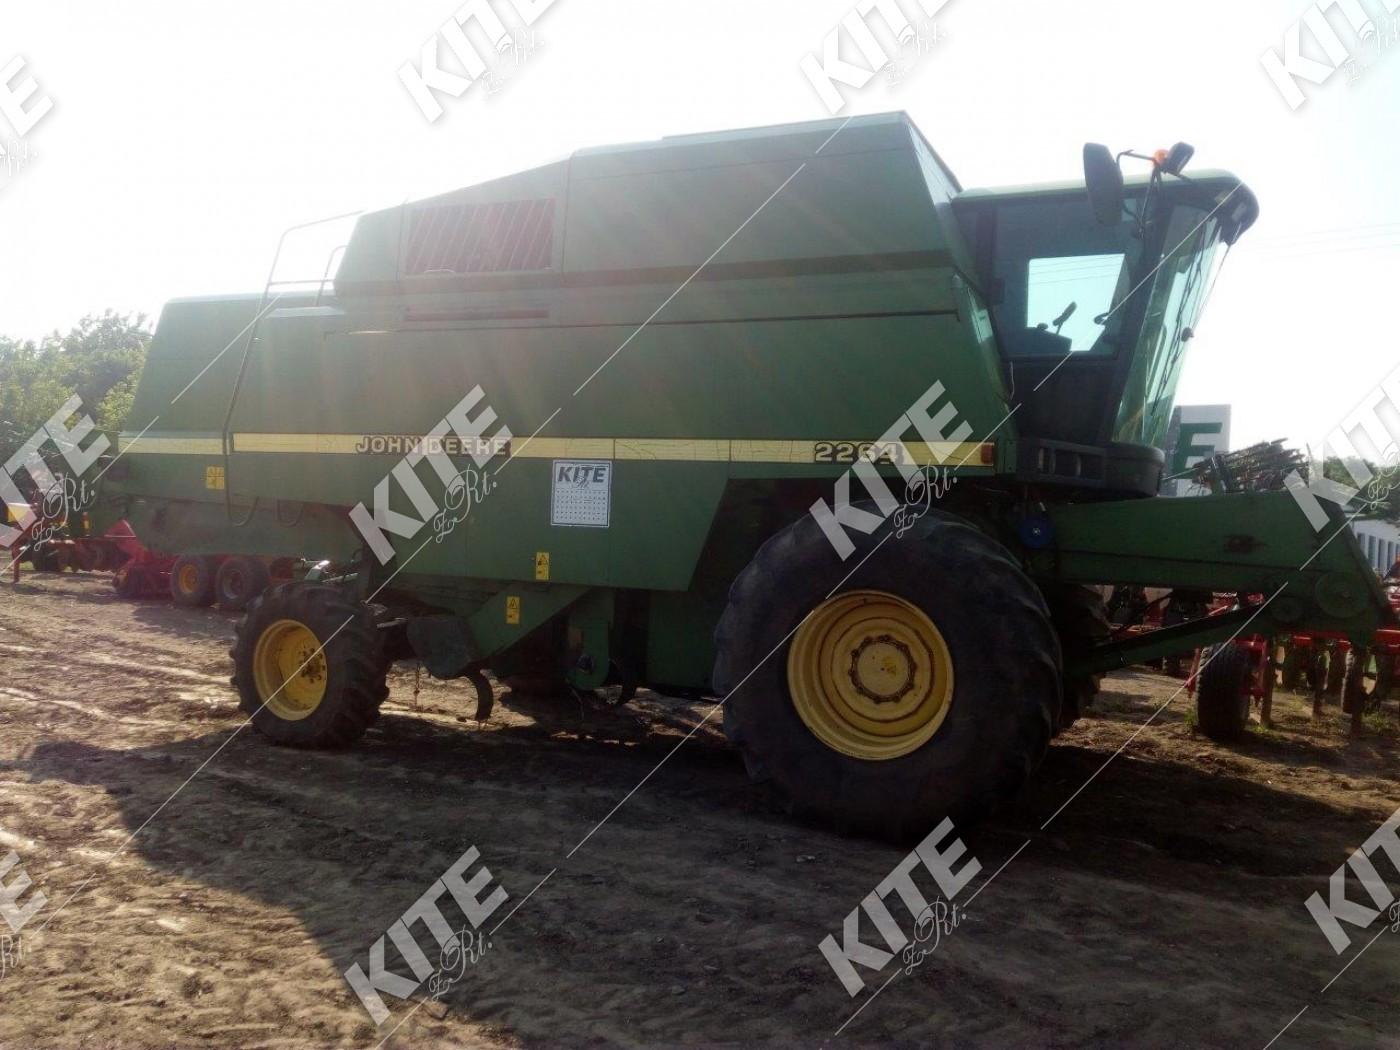 John Deere 2264 kukorica adapterrel